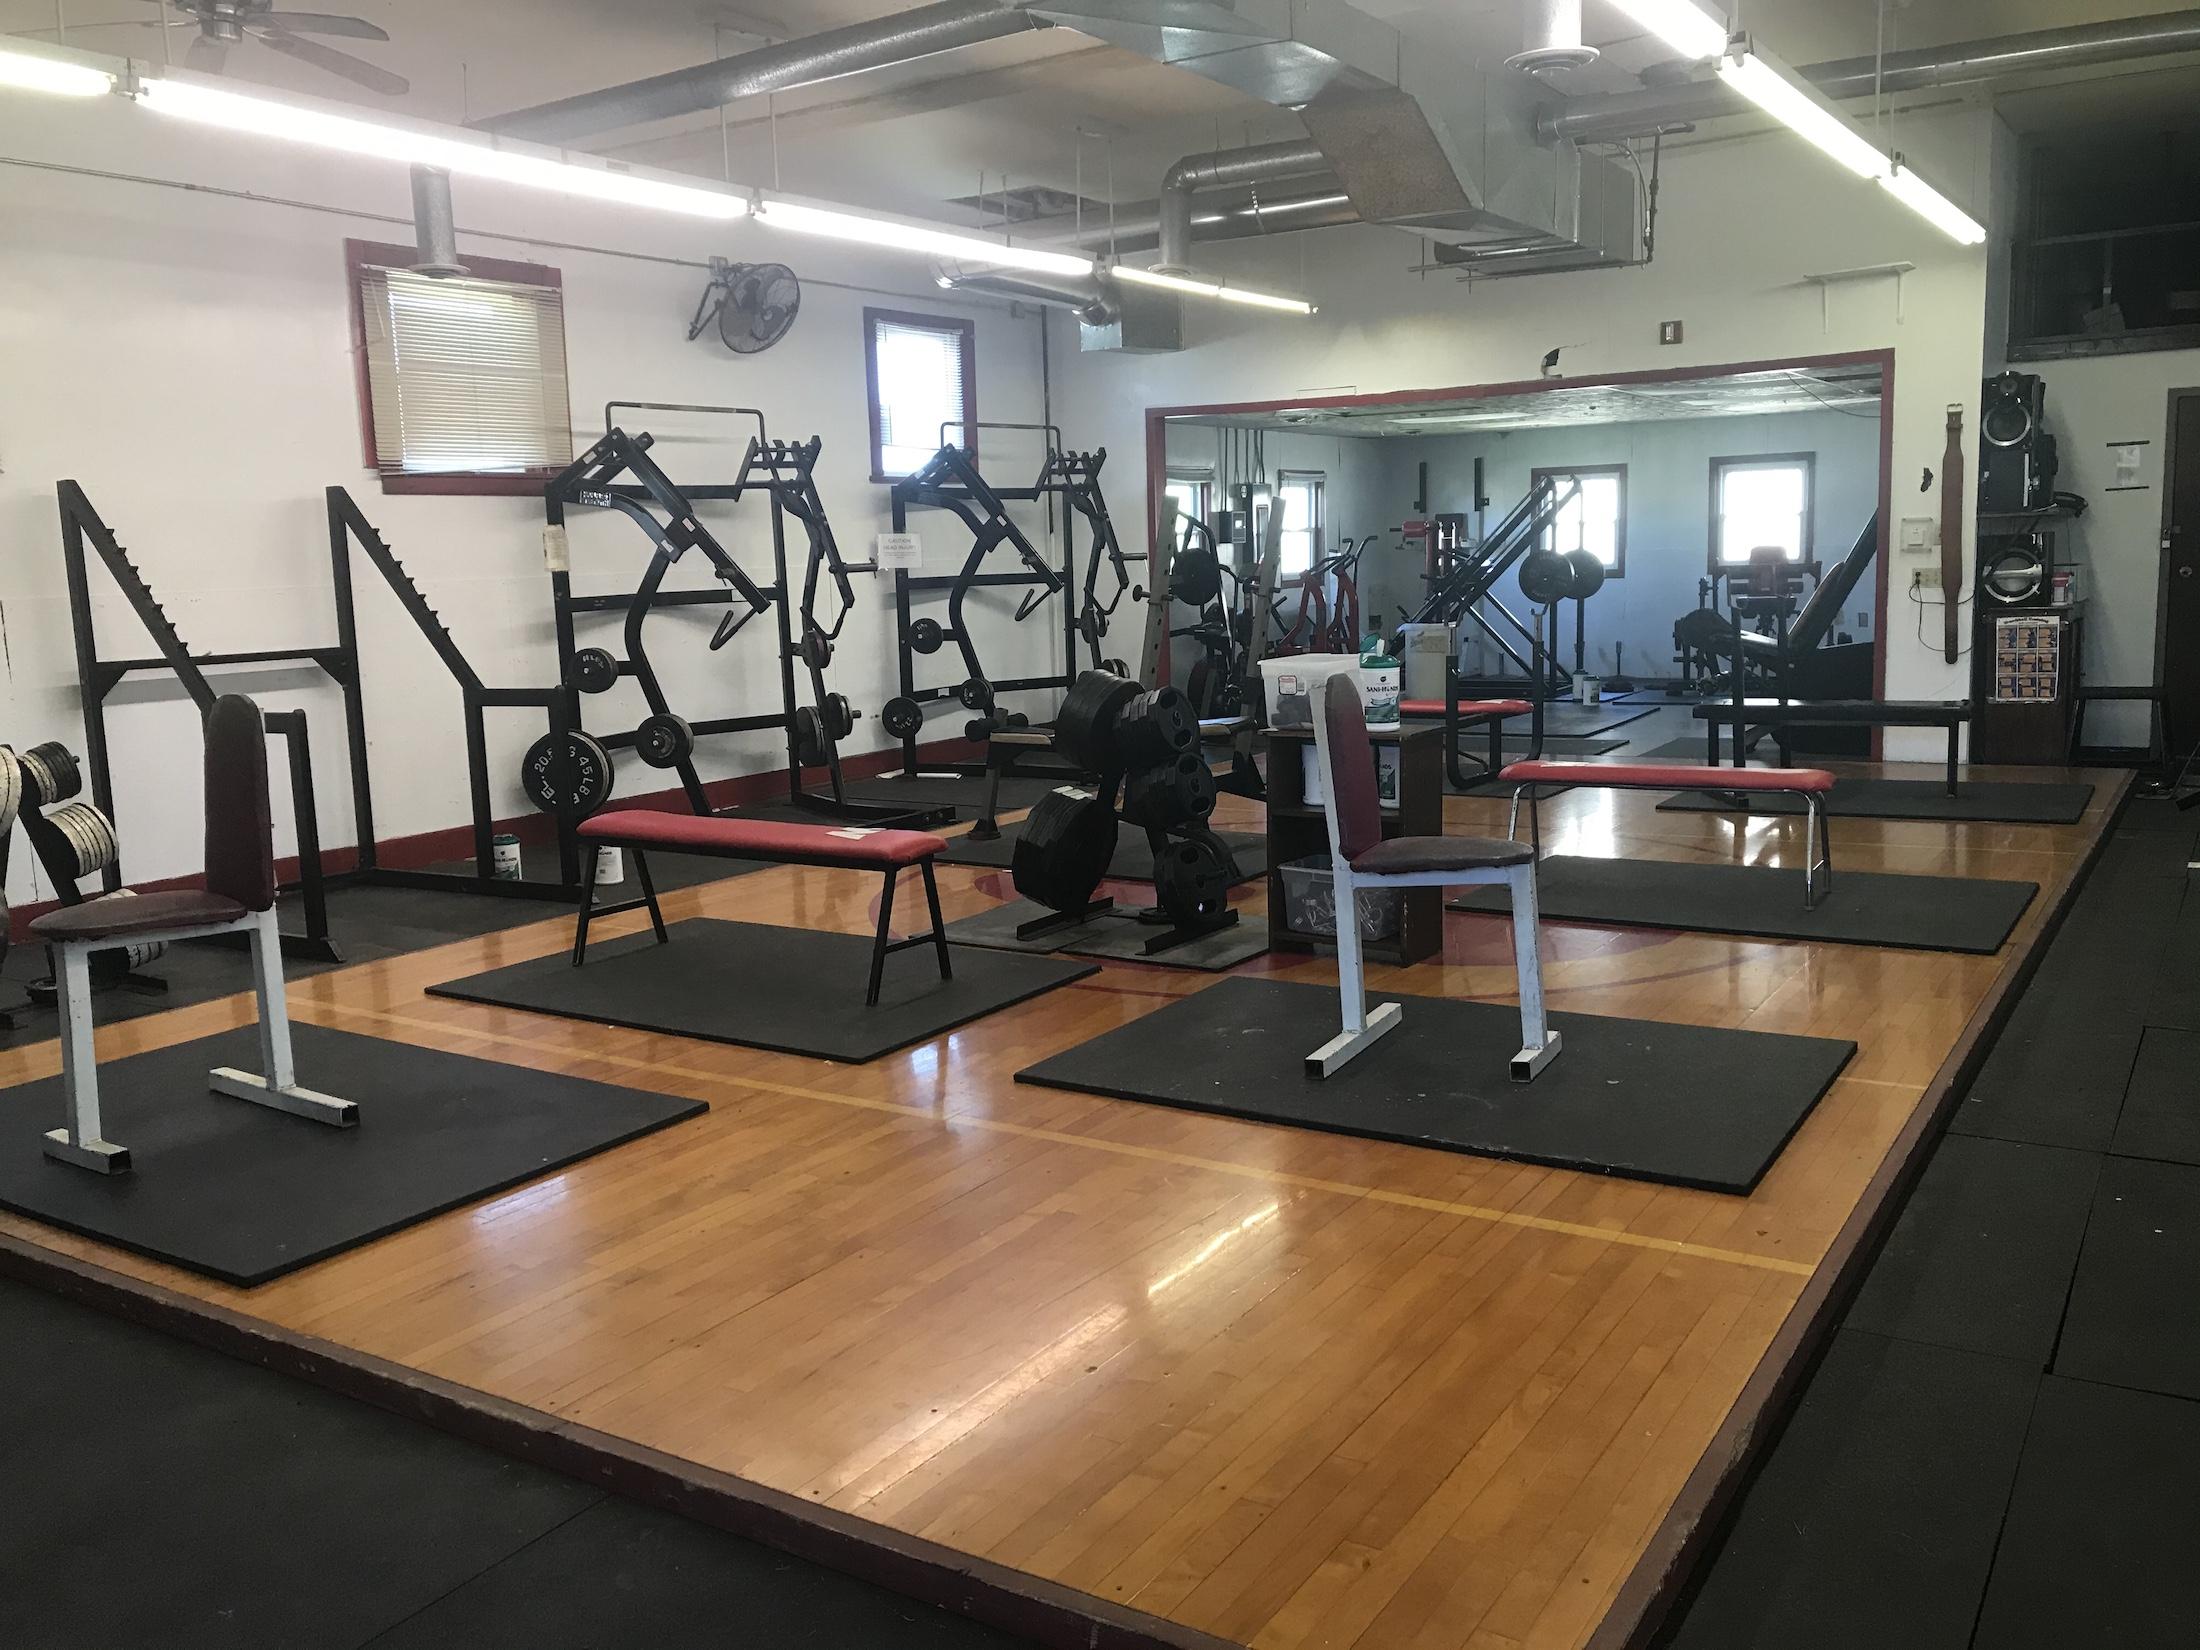 Weight room 1 - Nebraska high school sports still battling COVID-19